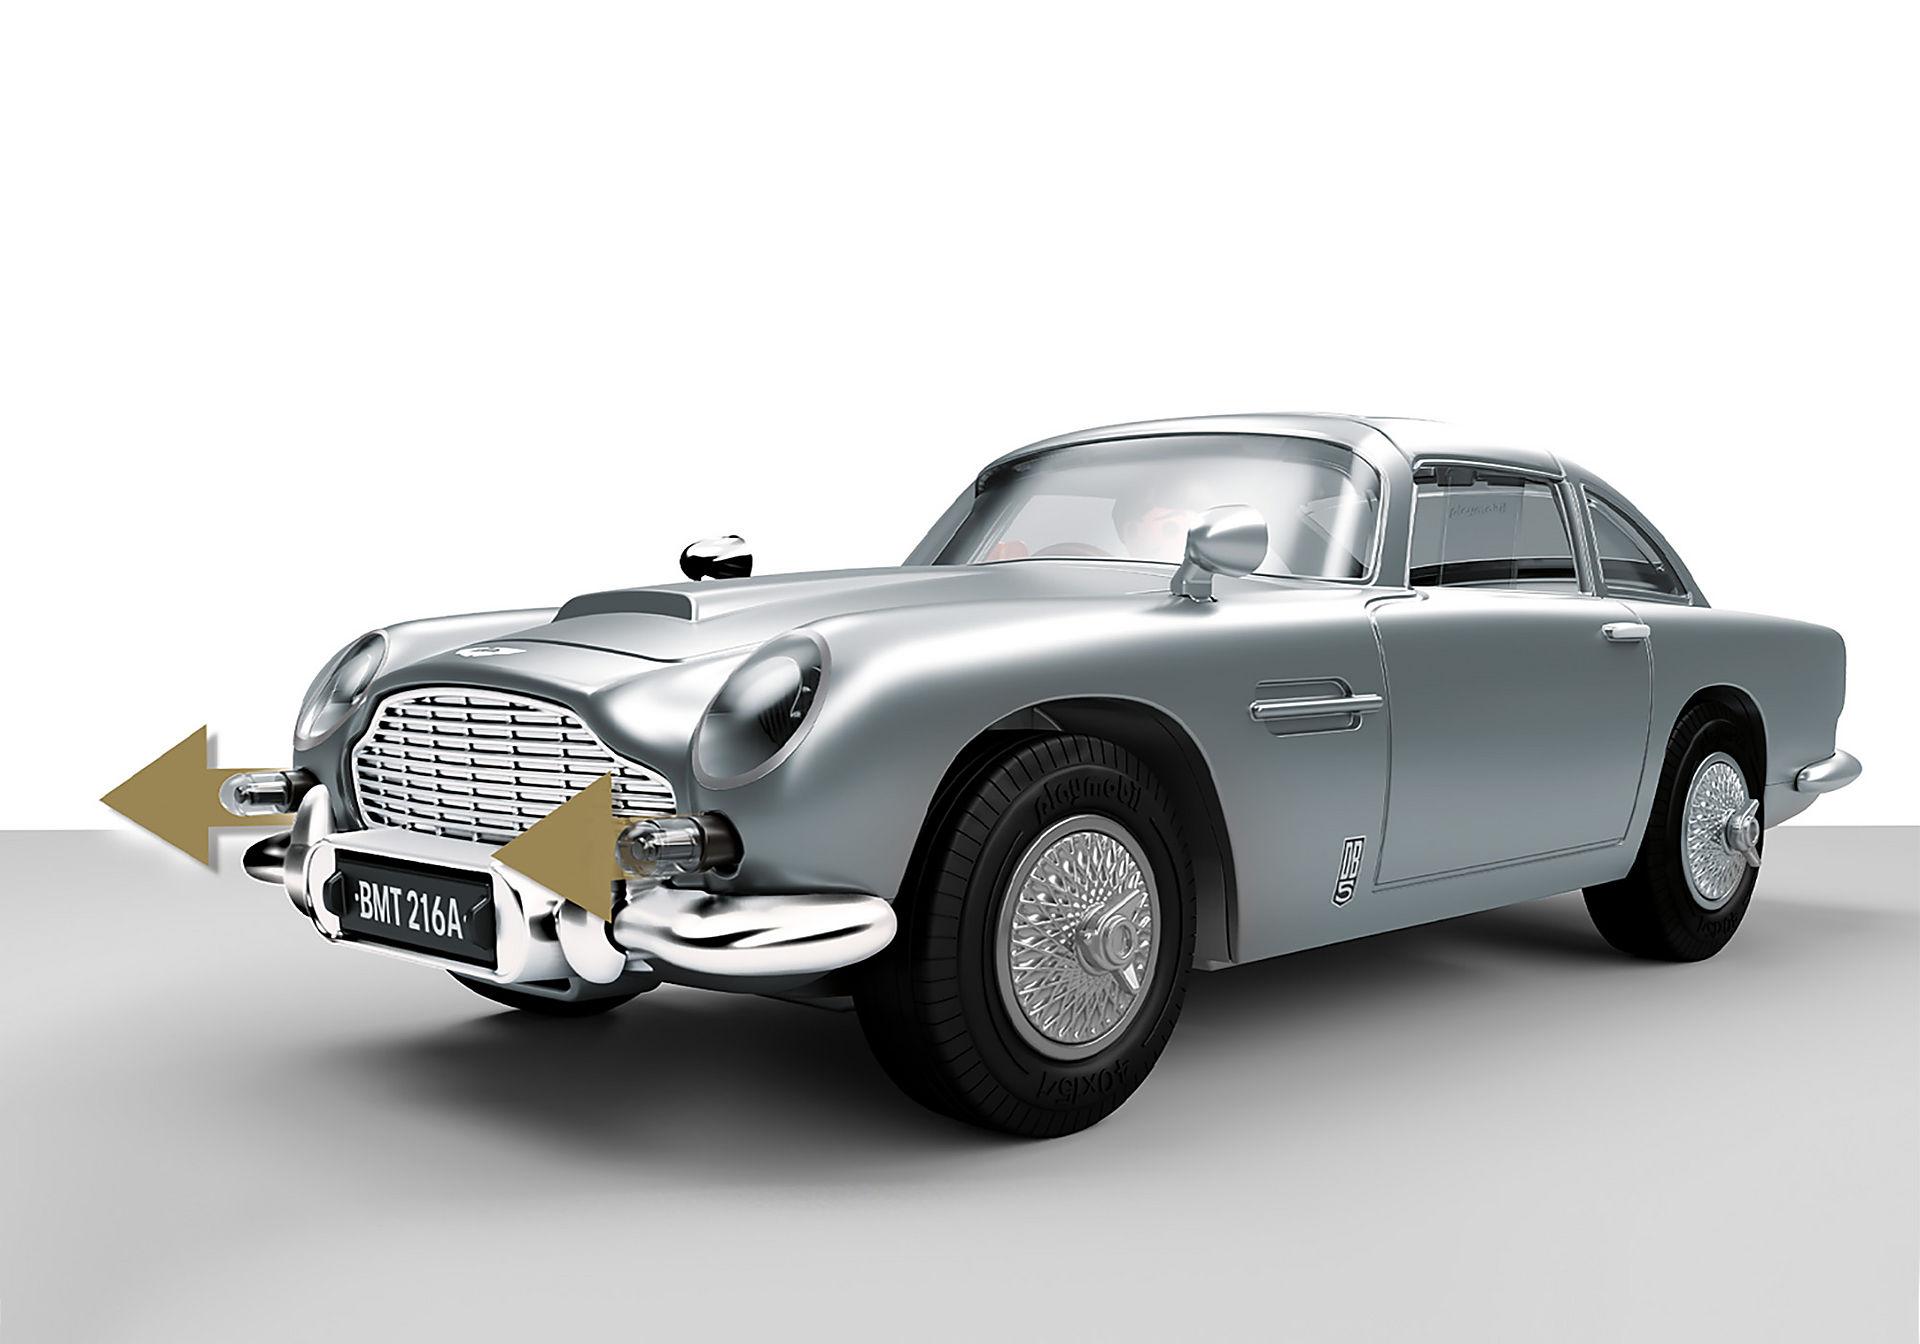 70578 James Bond Aston Martin DB5 - Edición Goldfinger zoom image5